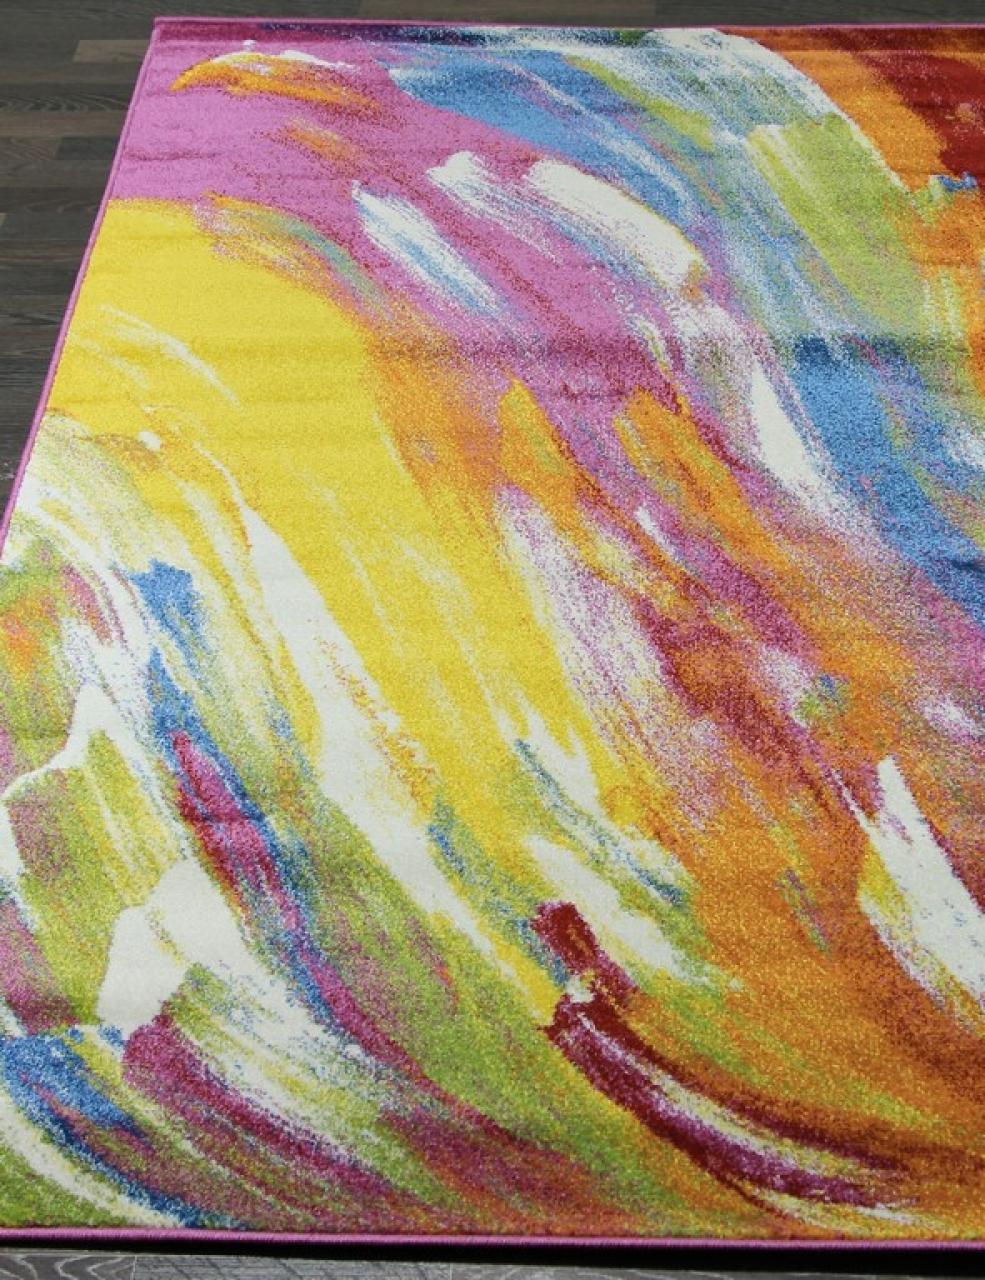 Ковер 2948 - MULTICOLOR - Прямоугольник - коллекция CRYSTAL - фото 4